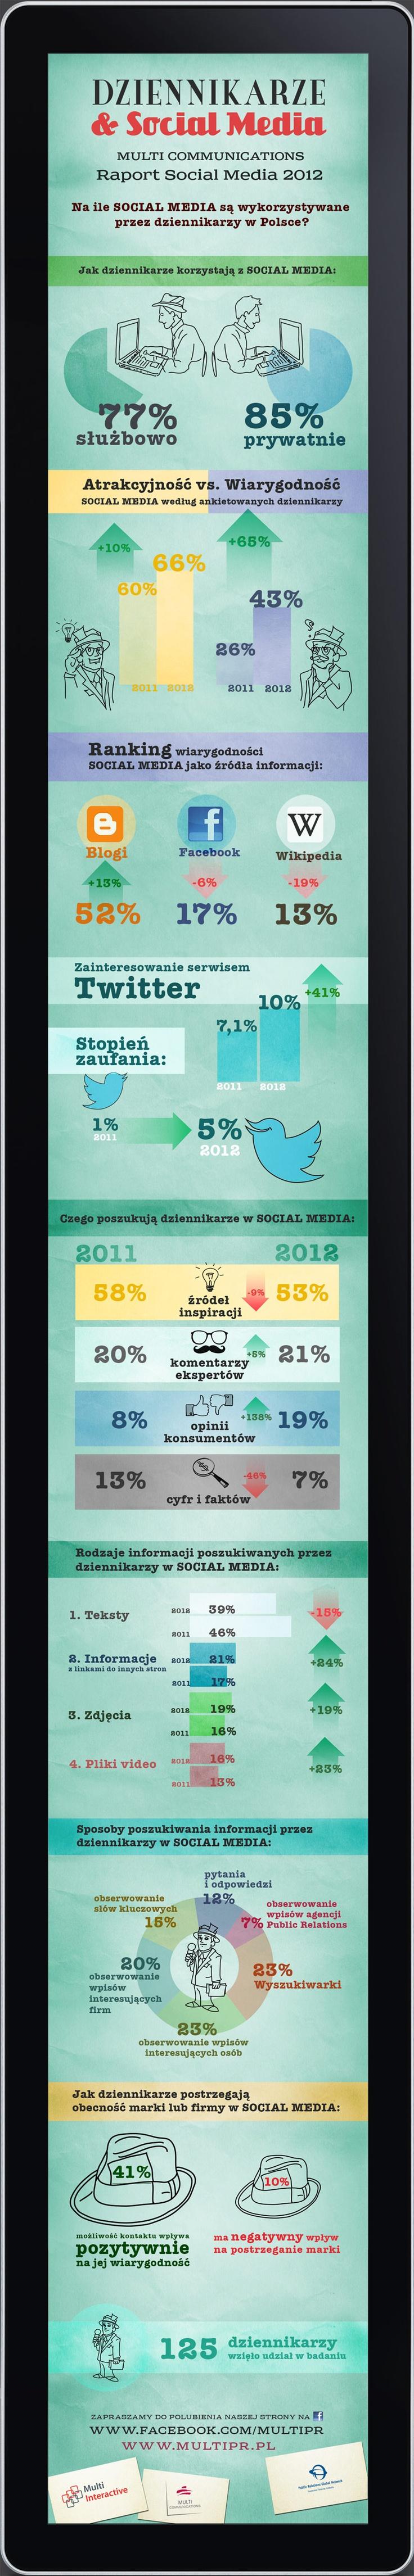 Dziennikarze & Social Media 2012. By MultiCommunications.